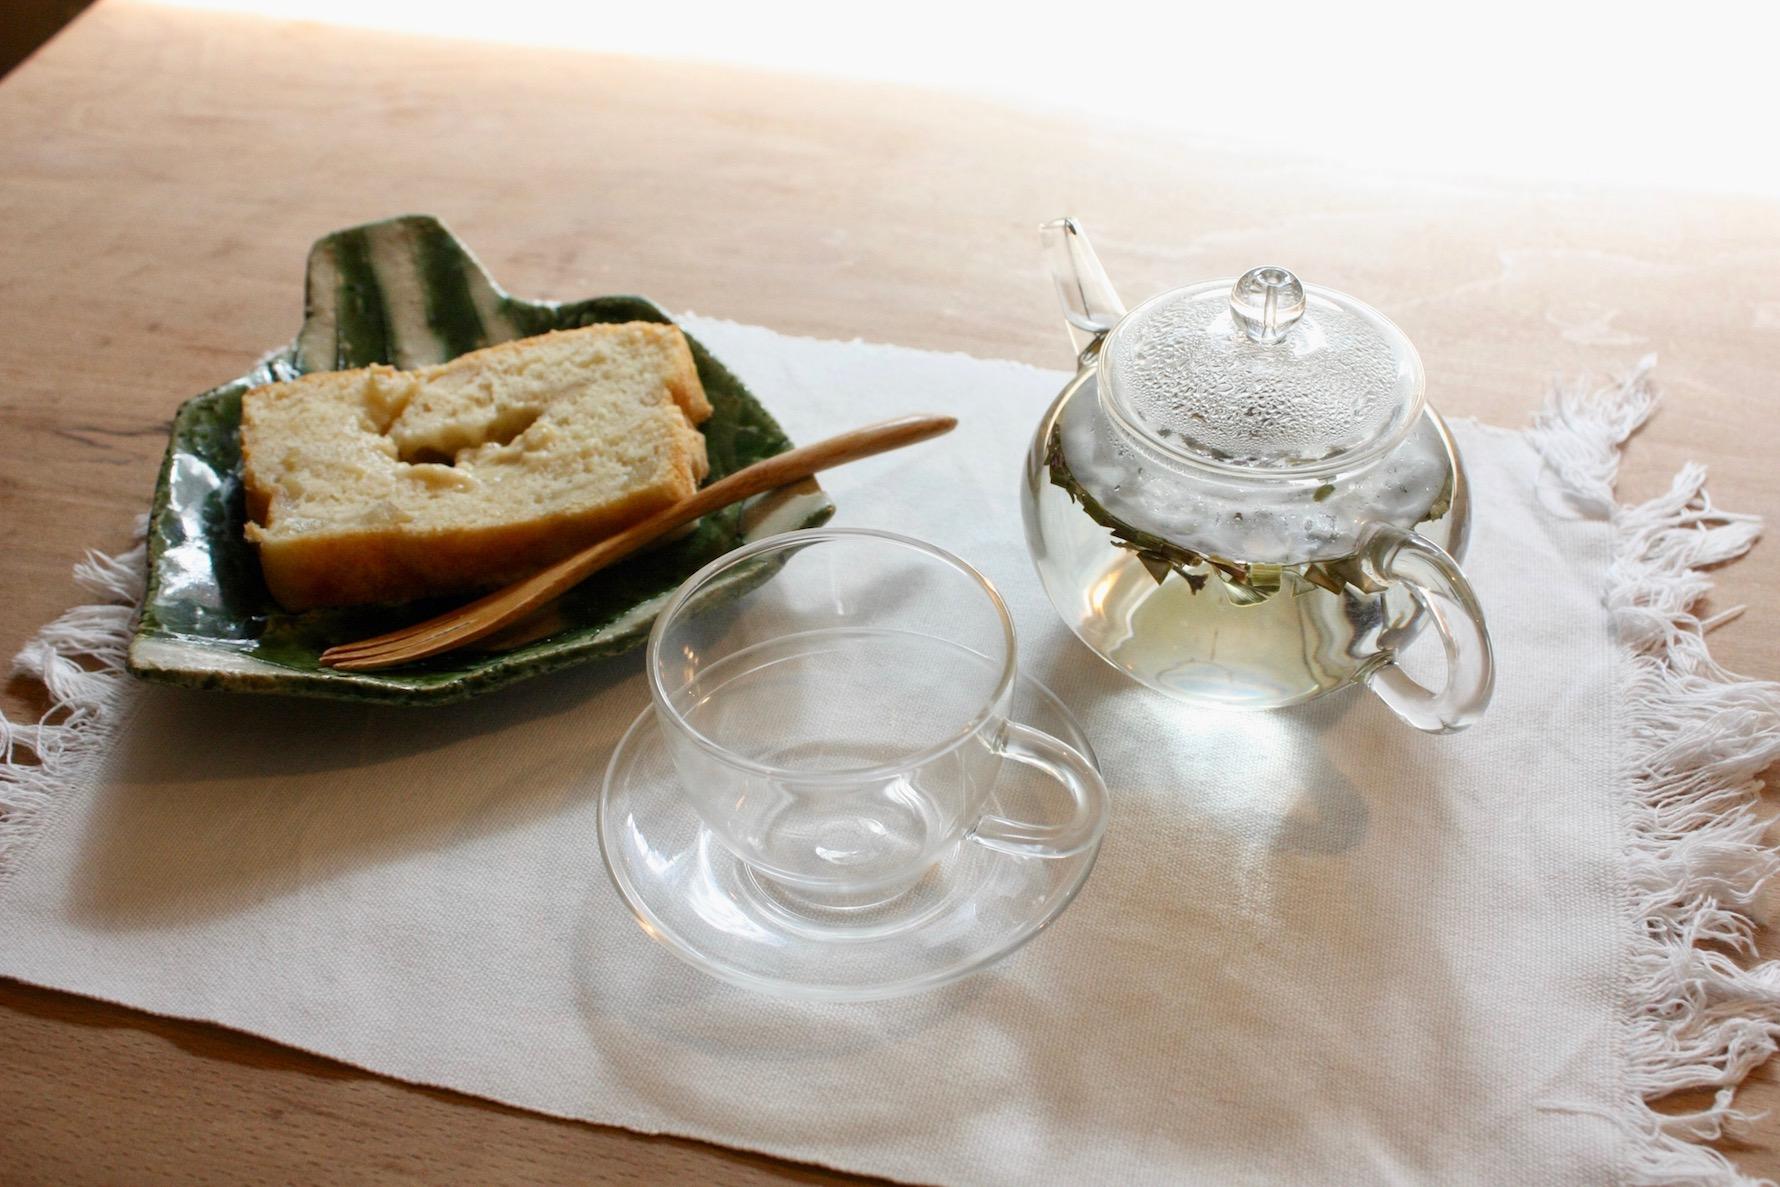 本山|アロマの香りに包まれながらいただくオーガニックランチ